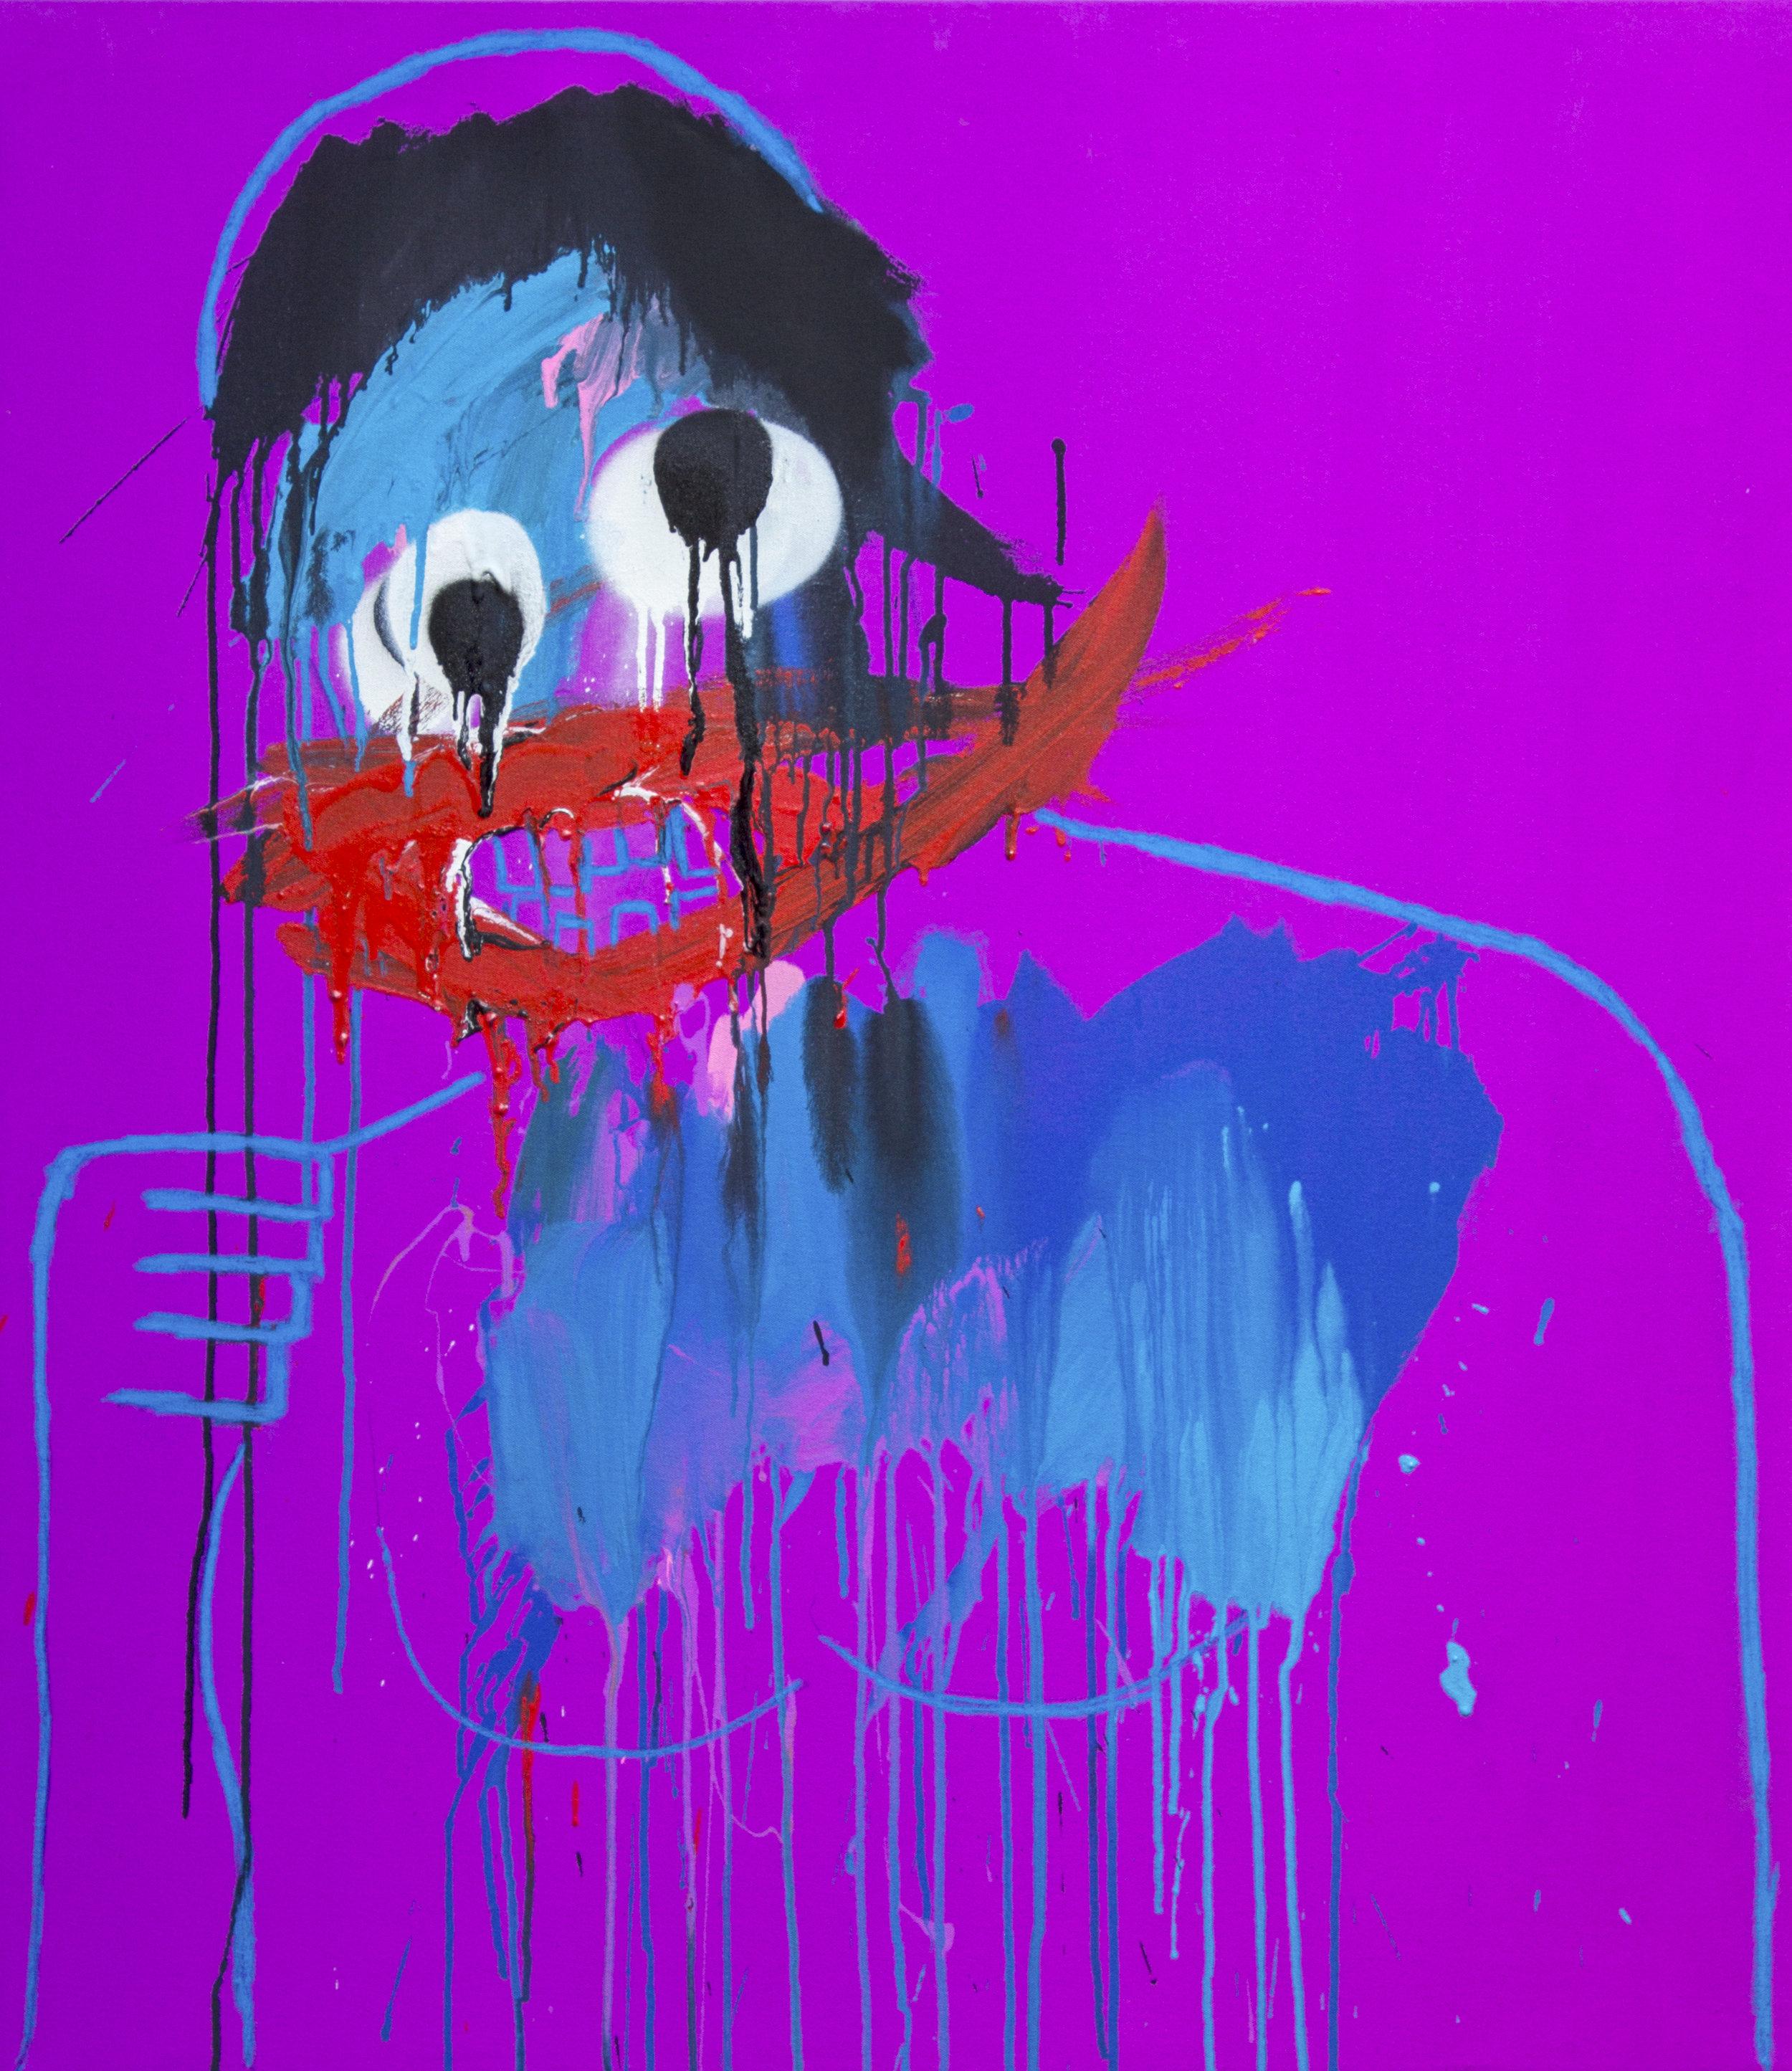 violet muhammad